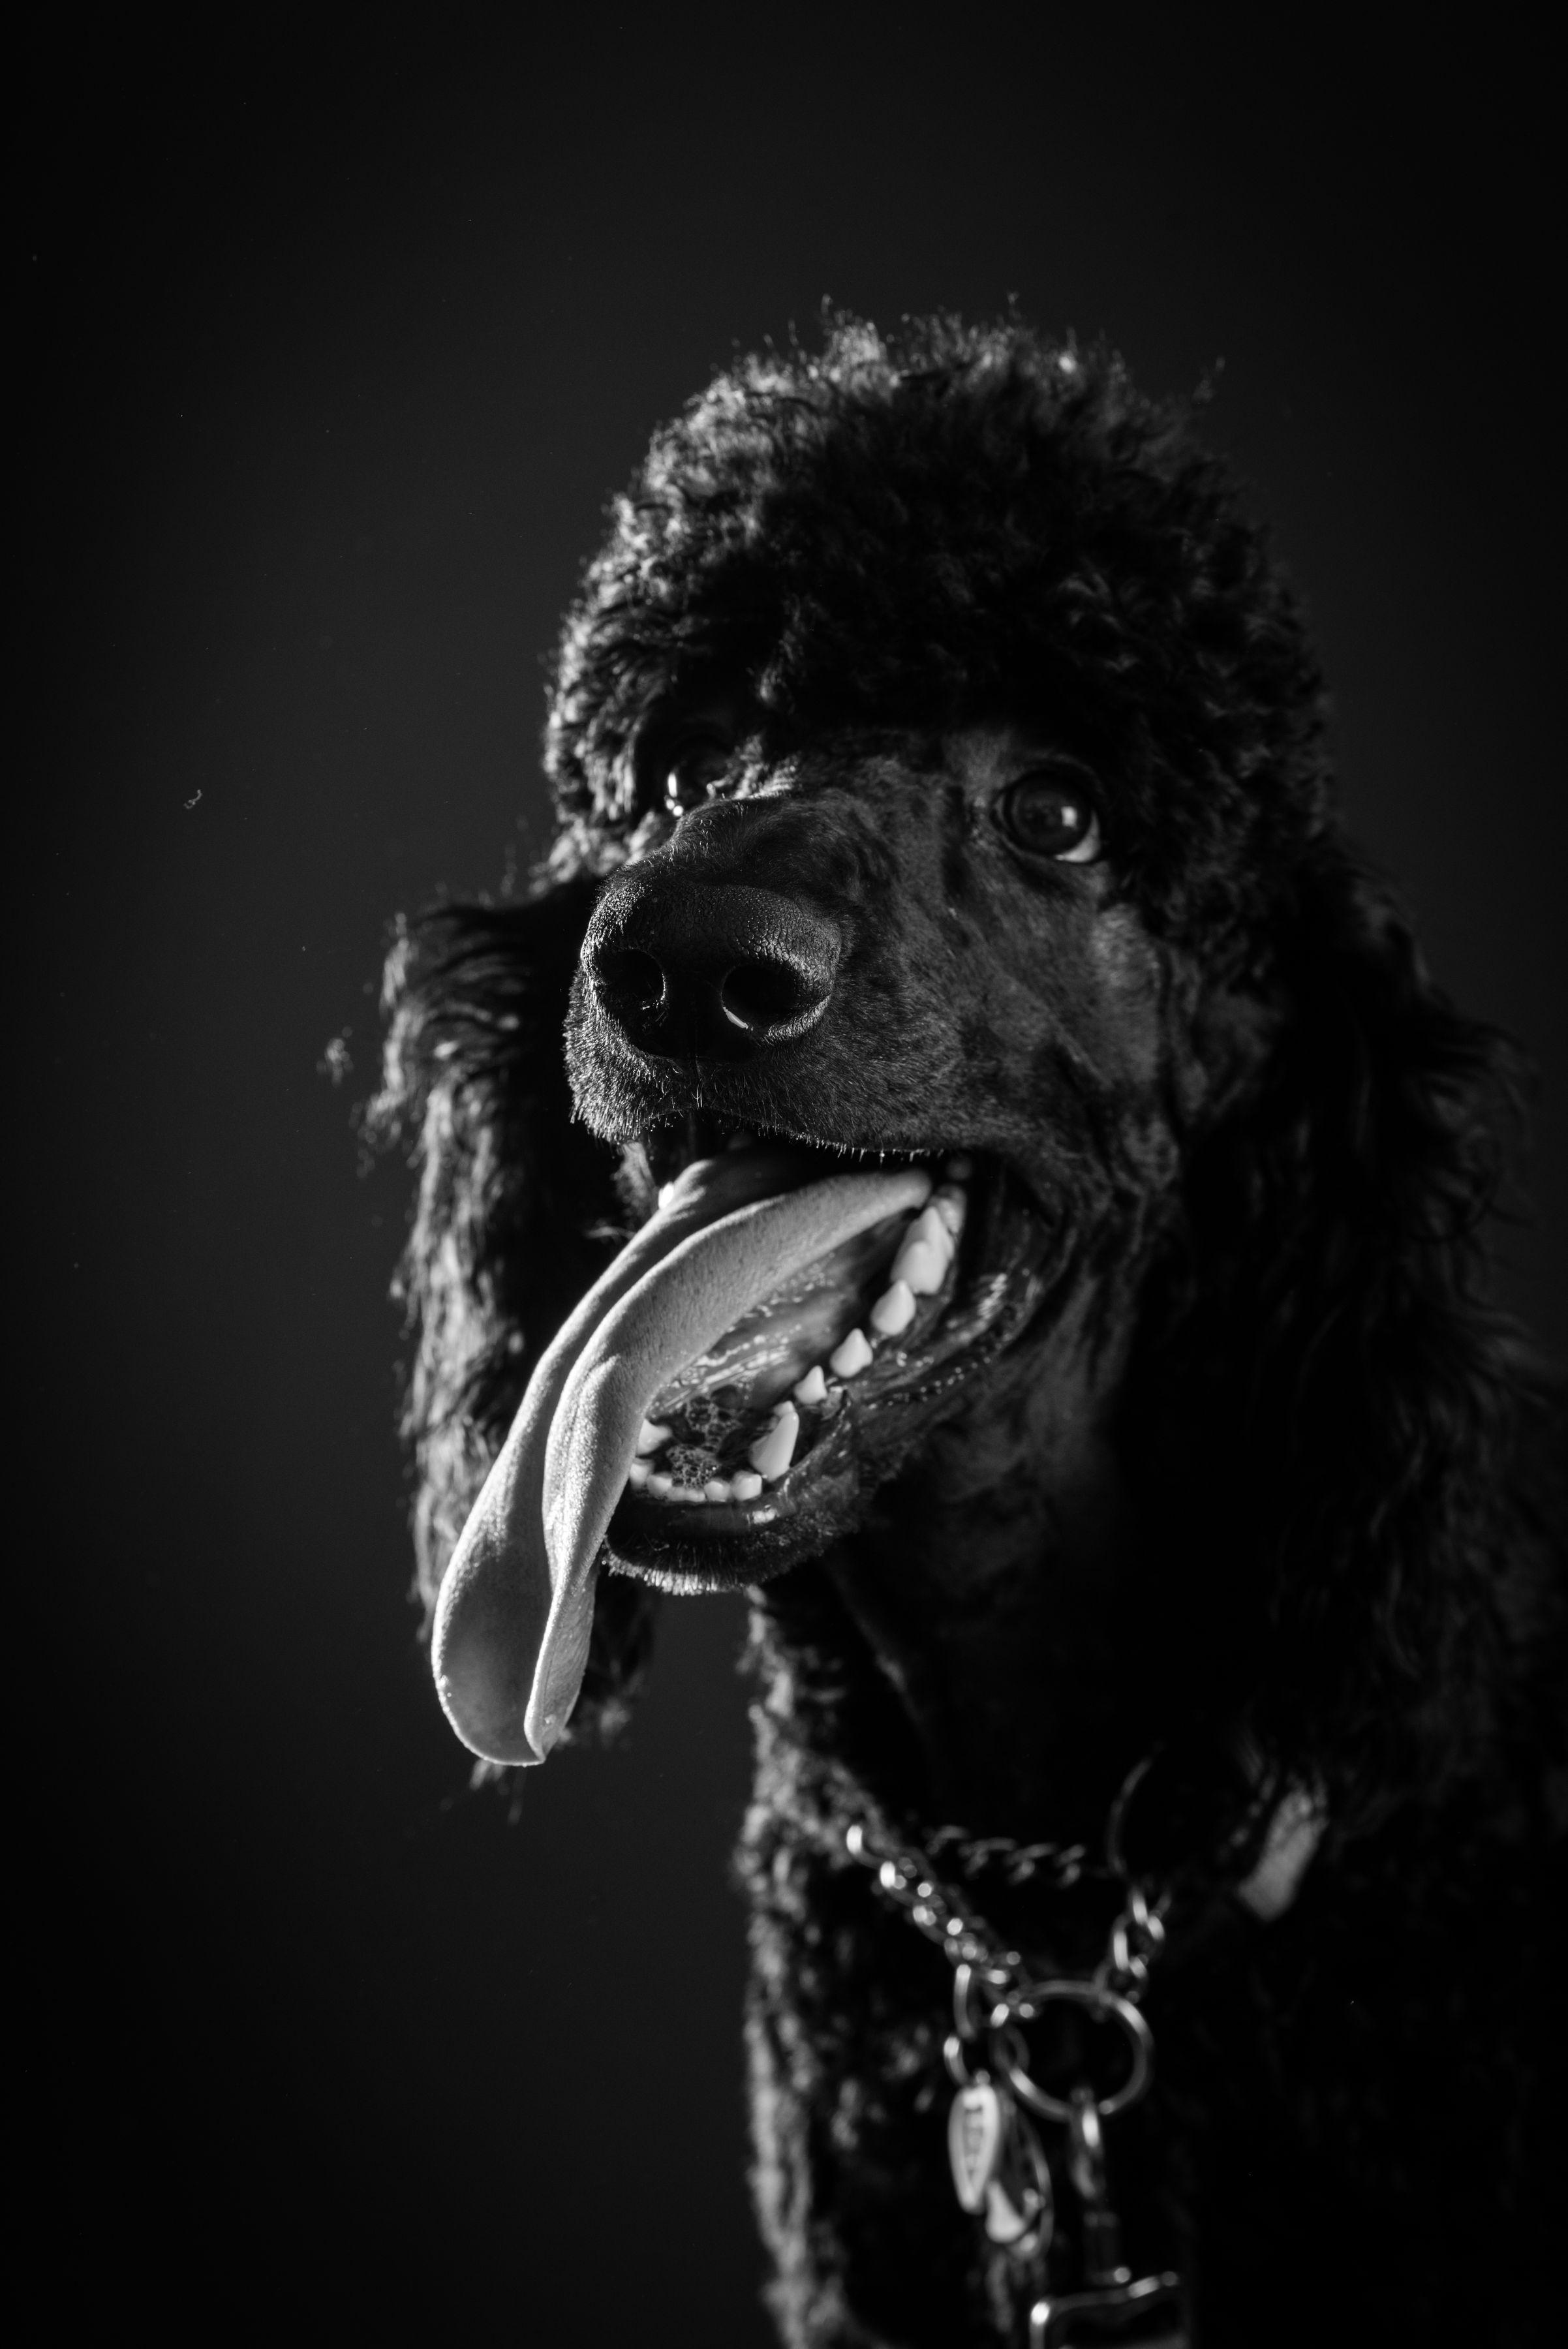 B&W Dog Portraits-whitneymclaren-3-10.jpg